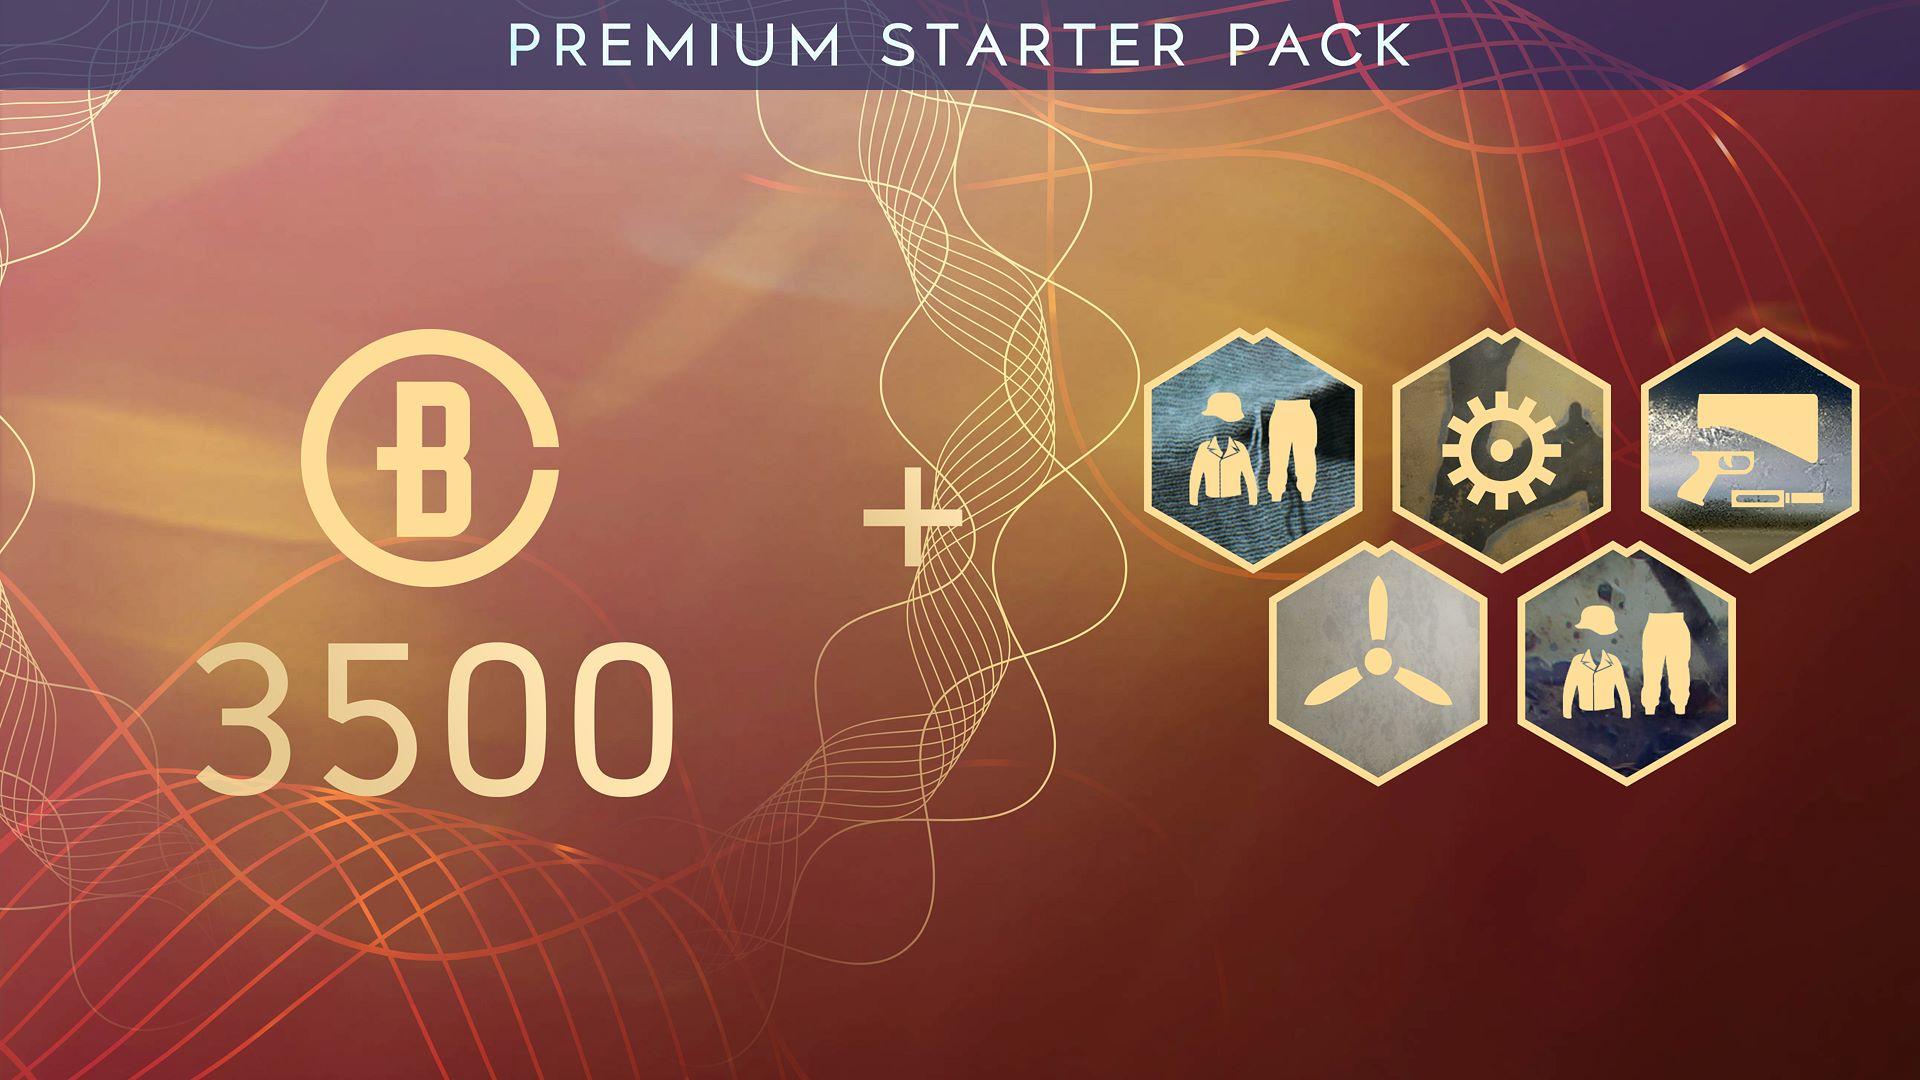 Battlefield V Premium Starter Pack